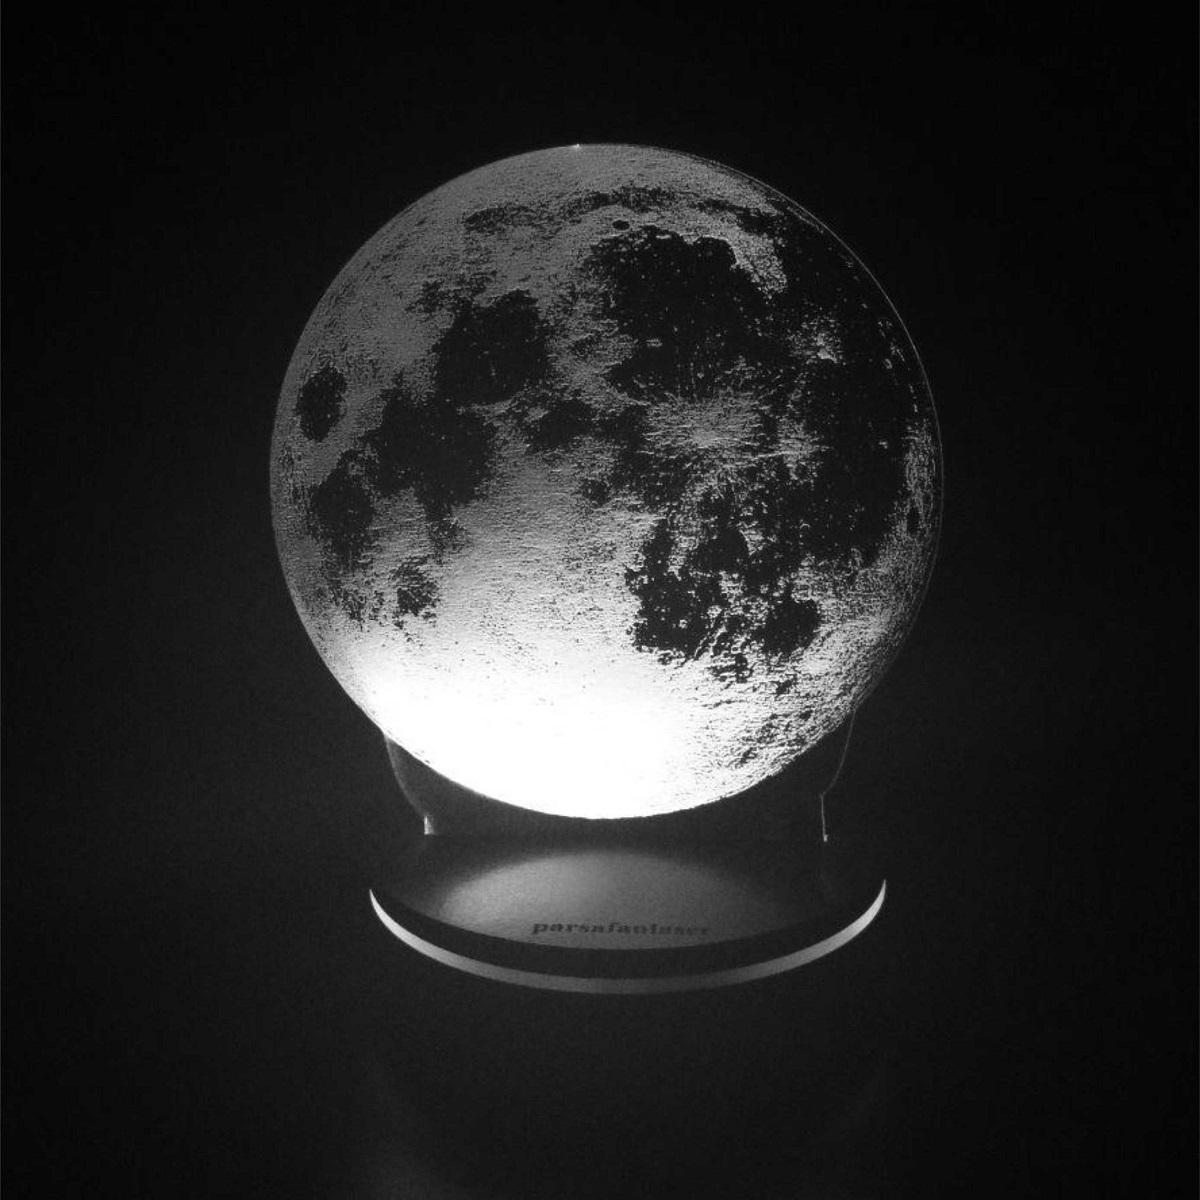 چراغ خواب پارسافن لیزر طرح کره ماه 16 رنگ ریموت دار